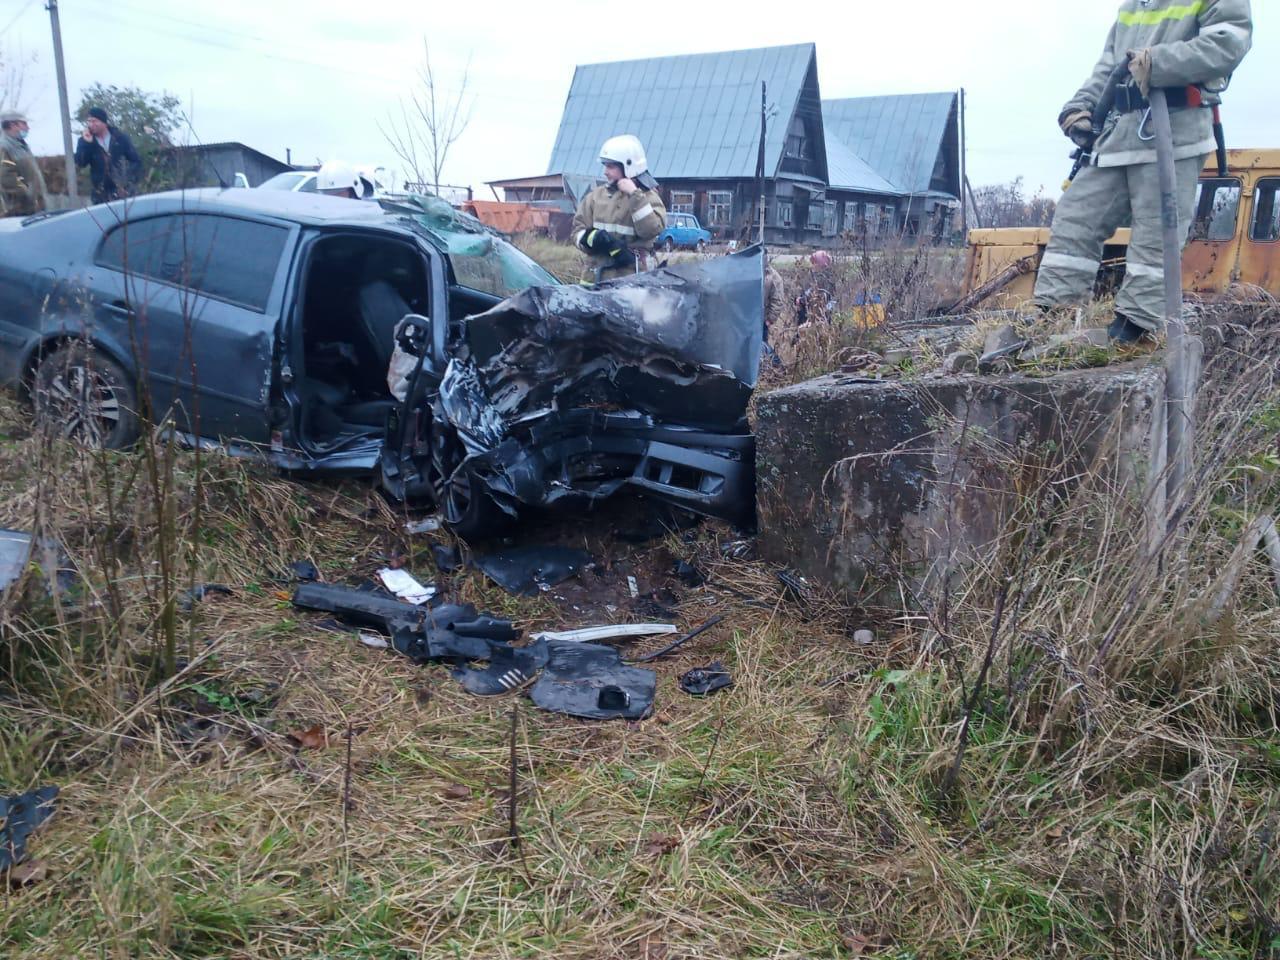 Спасатели приняли участие в ликвидации последствий ДТП с двумя пострадавшими в Тверской области - новости Афанасий